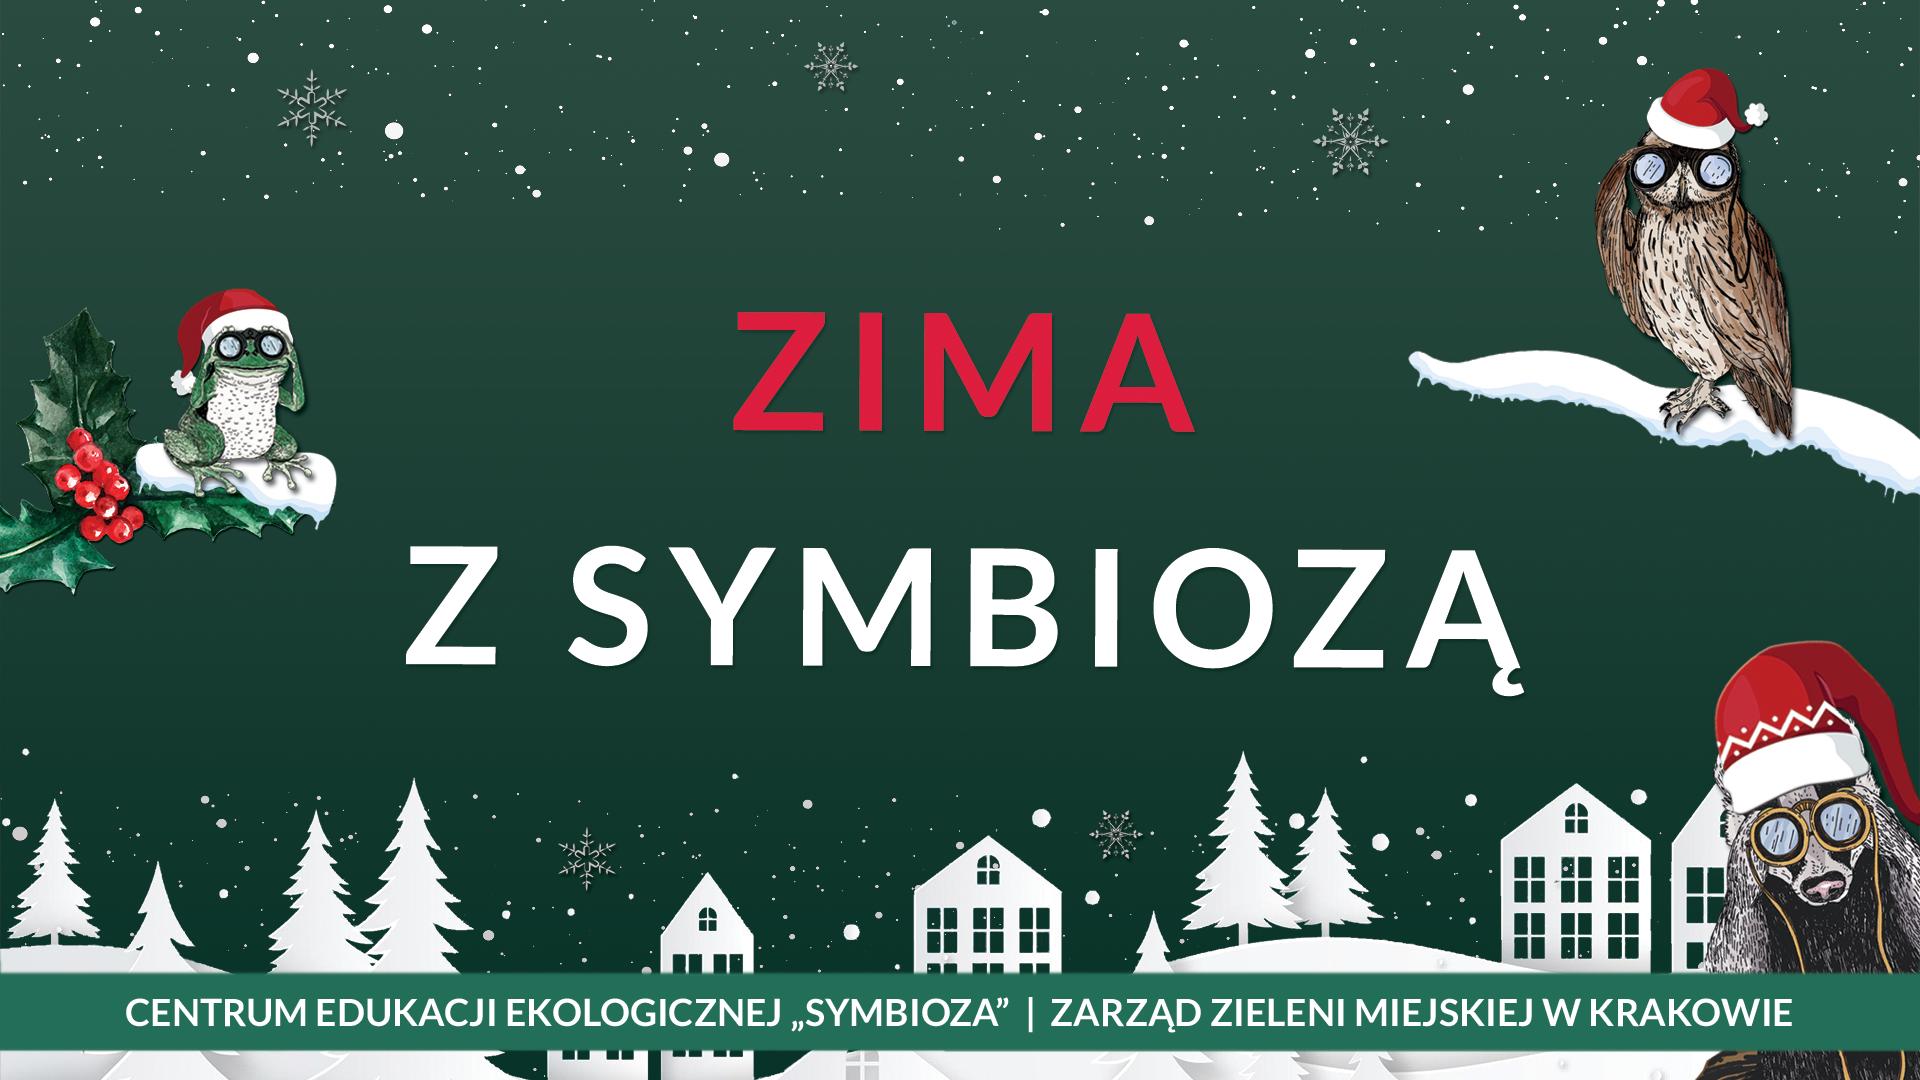 Zielony baner z śniegiem w tle przedstawiający akcję Zima z Symbiozą - w tle rzekotka, puszczyk i borsuk z mikołajkowymi czapkami